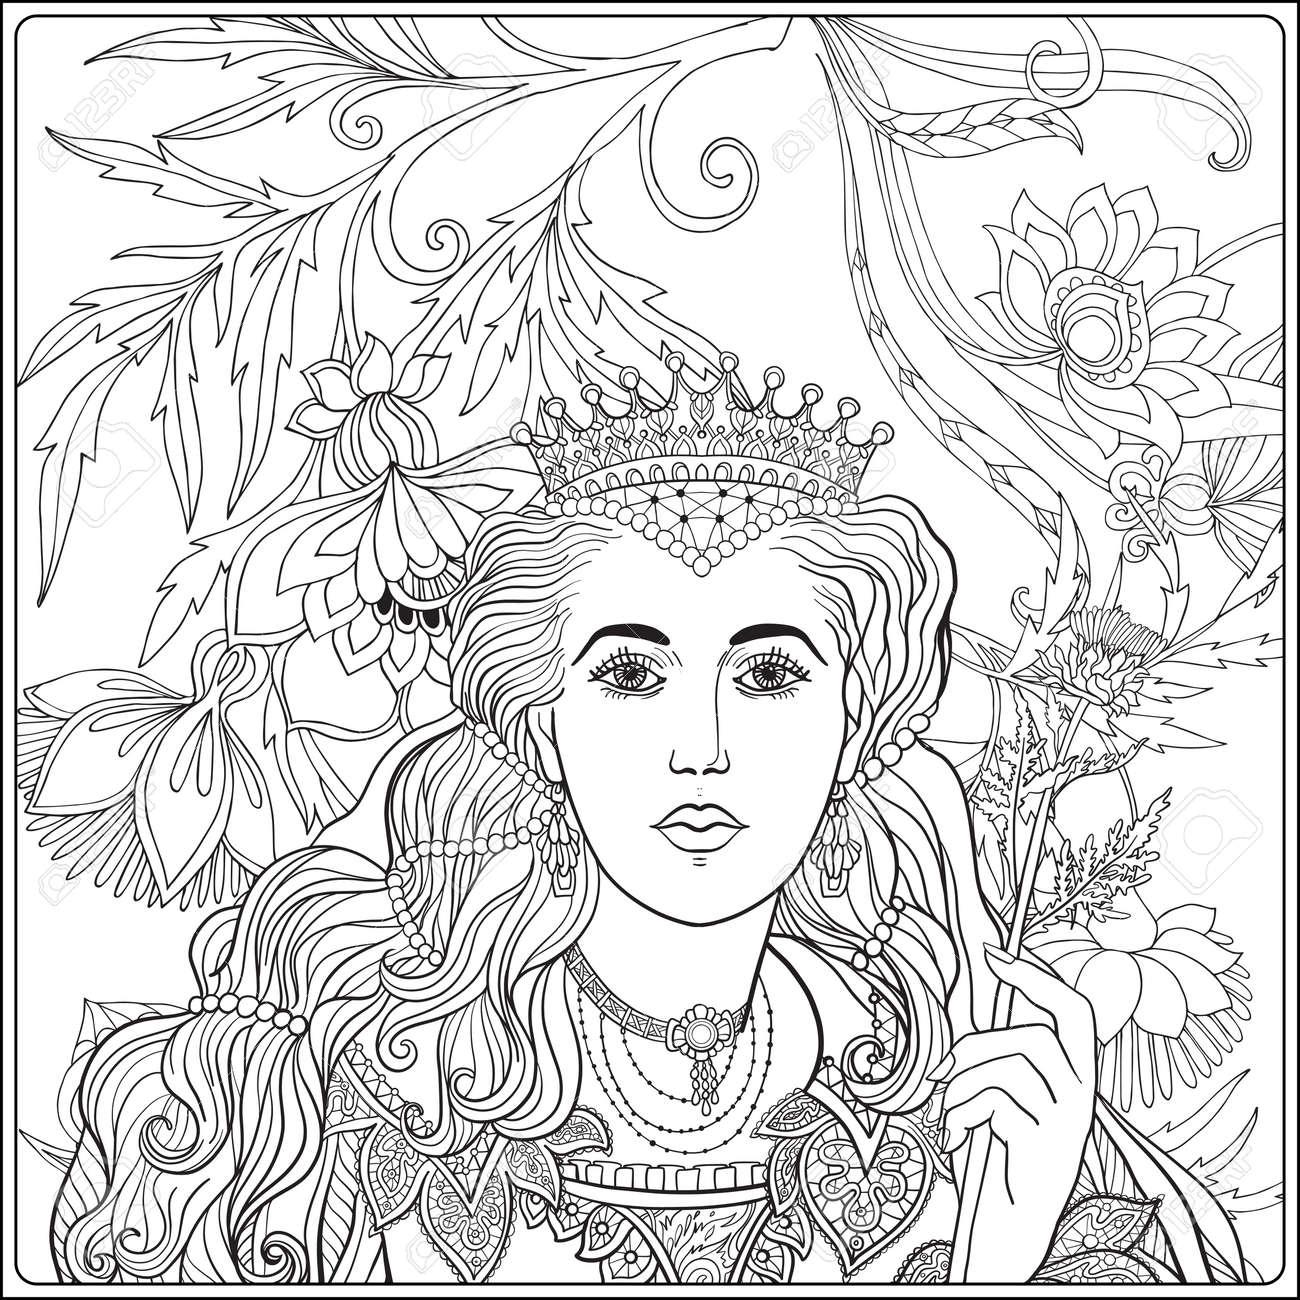 Reine Sur Medieval Floral Motif De Fond Livre A Colorier Pour Les Adultes Et Les Enfants Plus Ages Outline Dessin De Coloriage Page Clip Art Libres De Droits Vecteurs Et Illustration